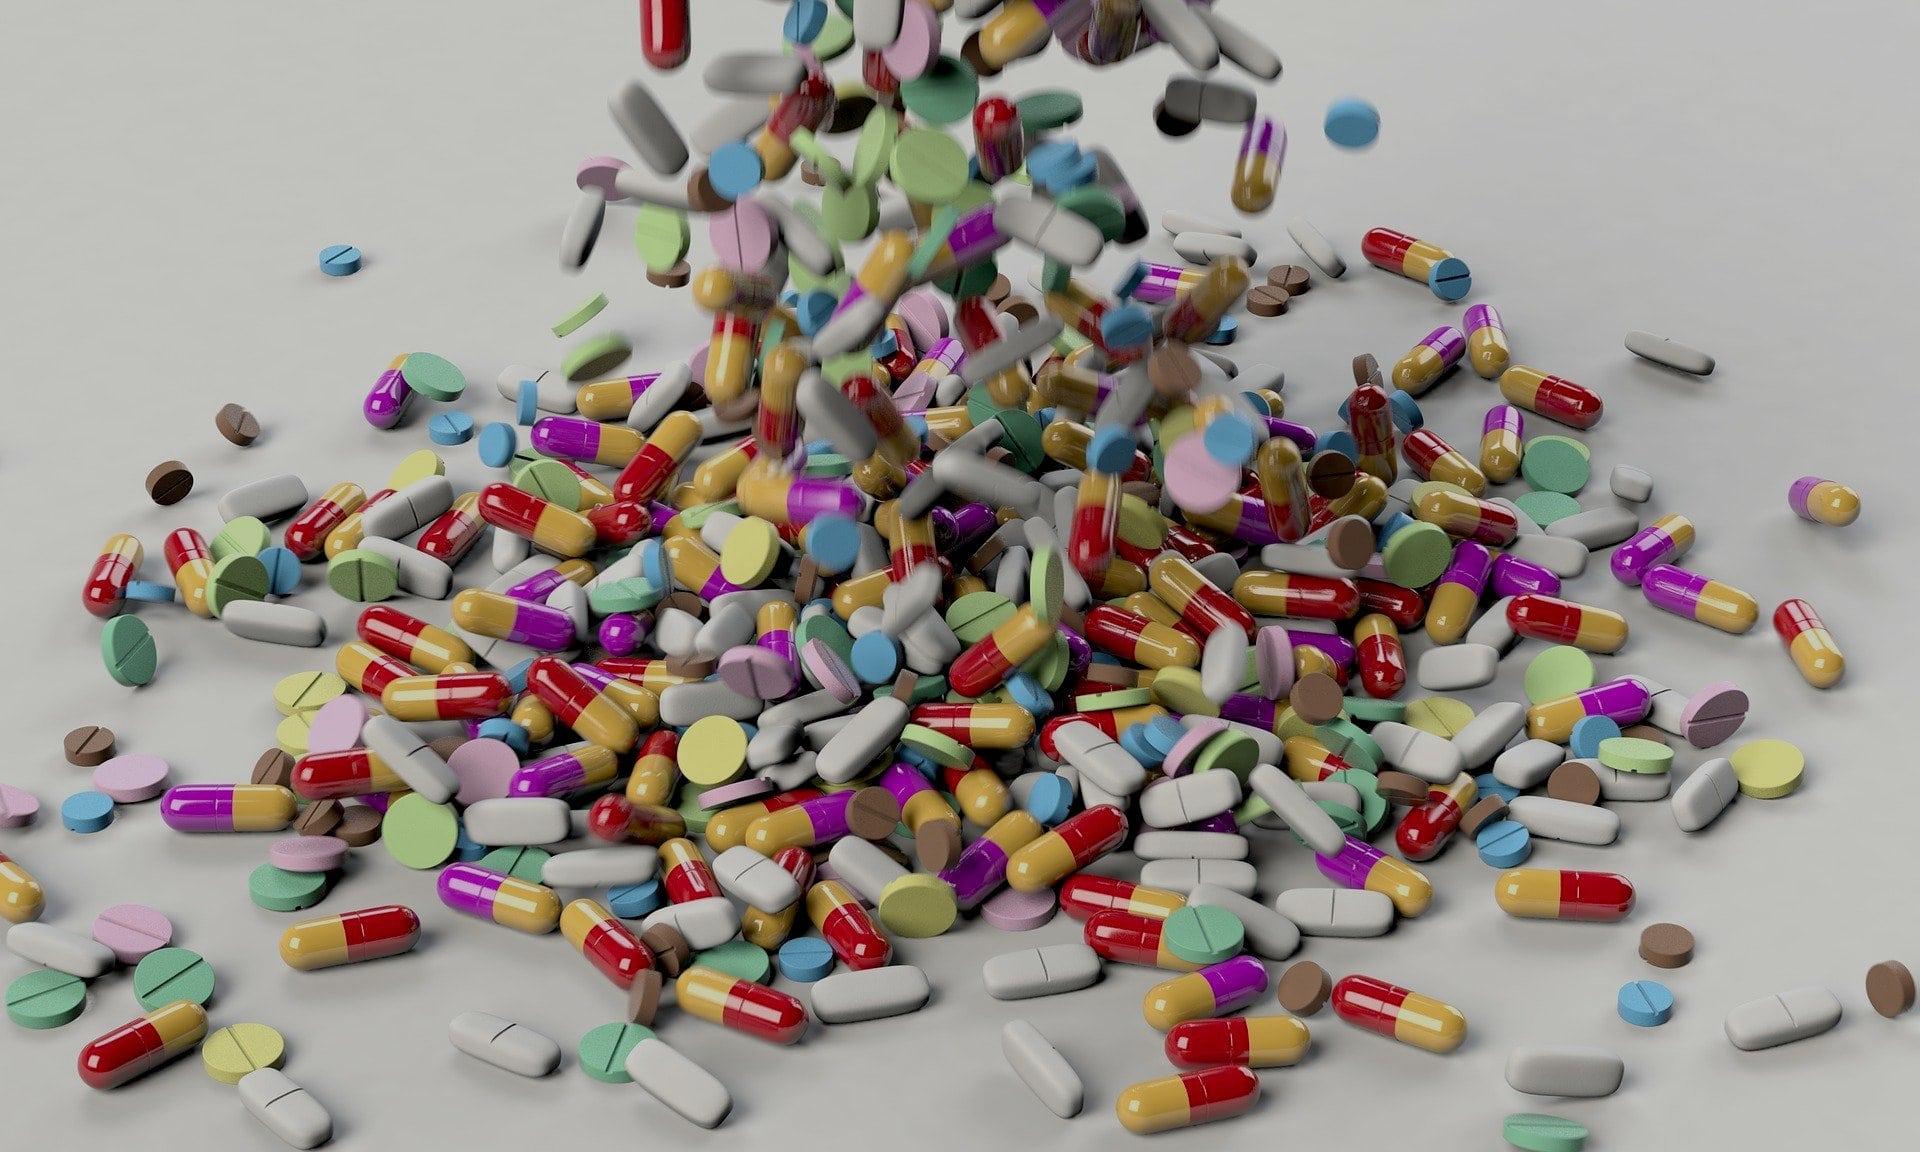 Medicijnen op een grote stapel